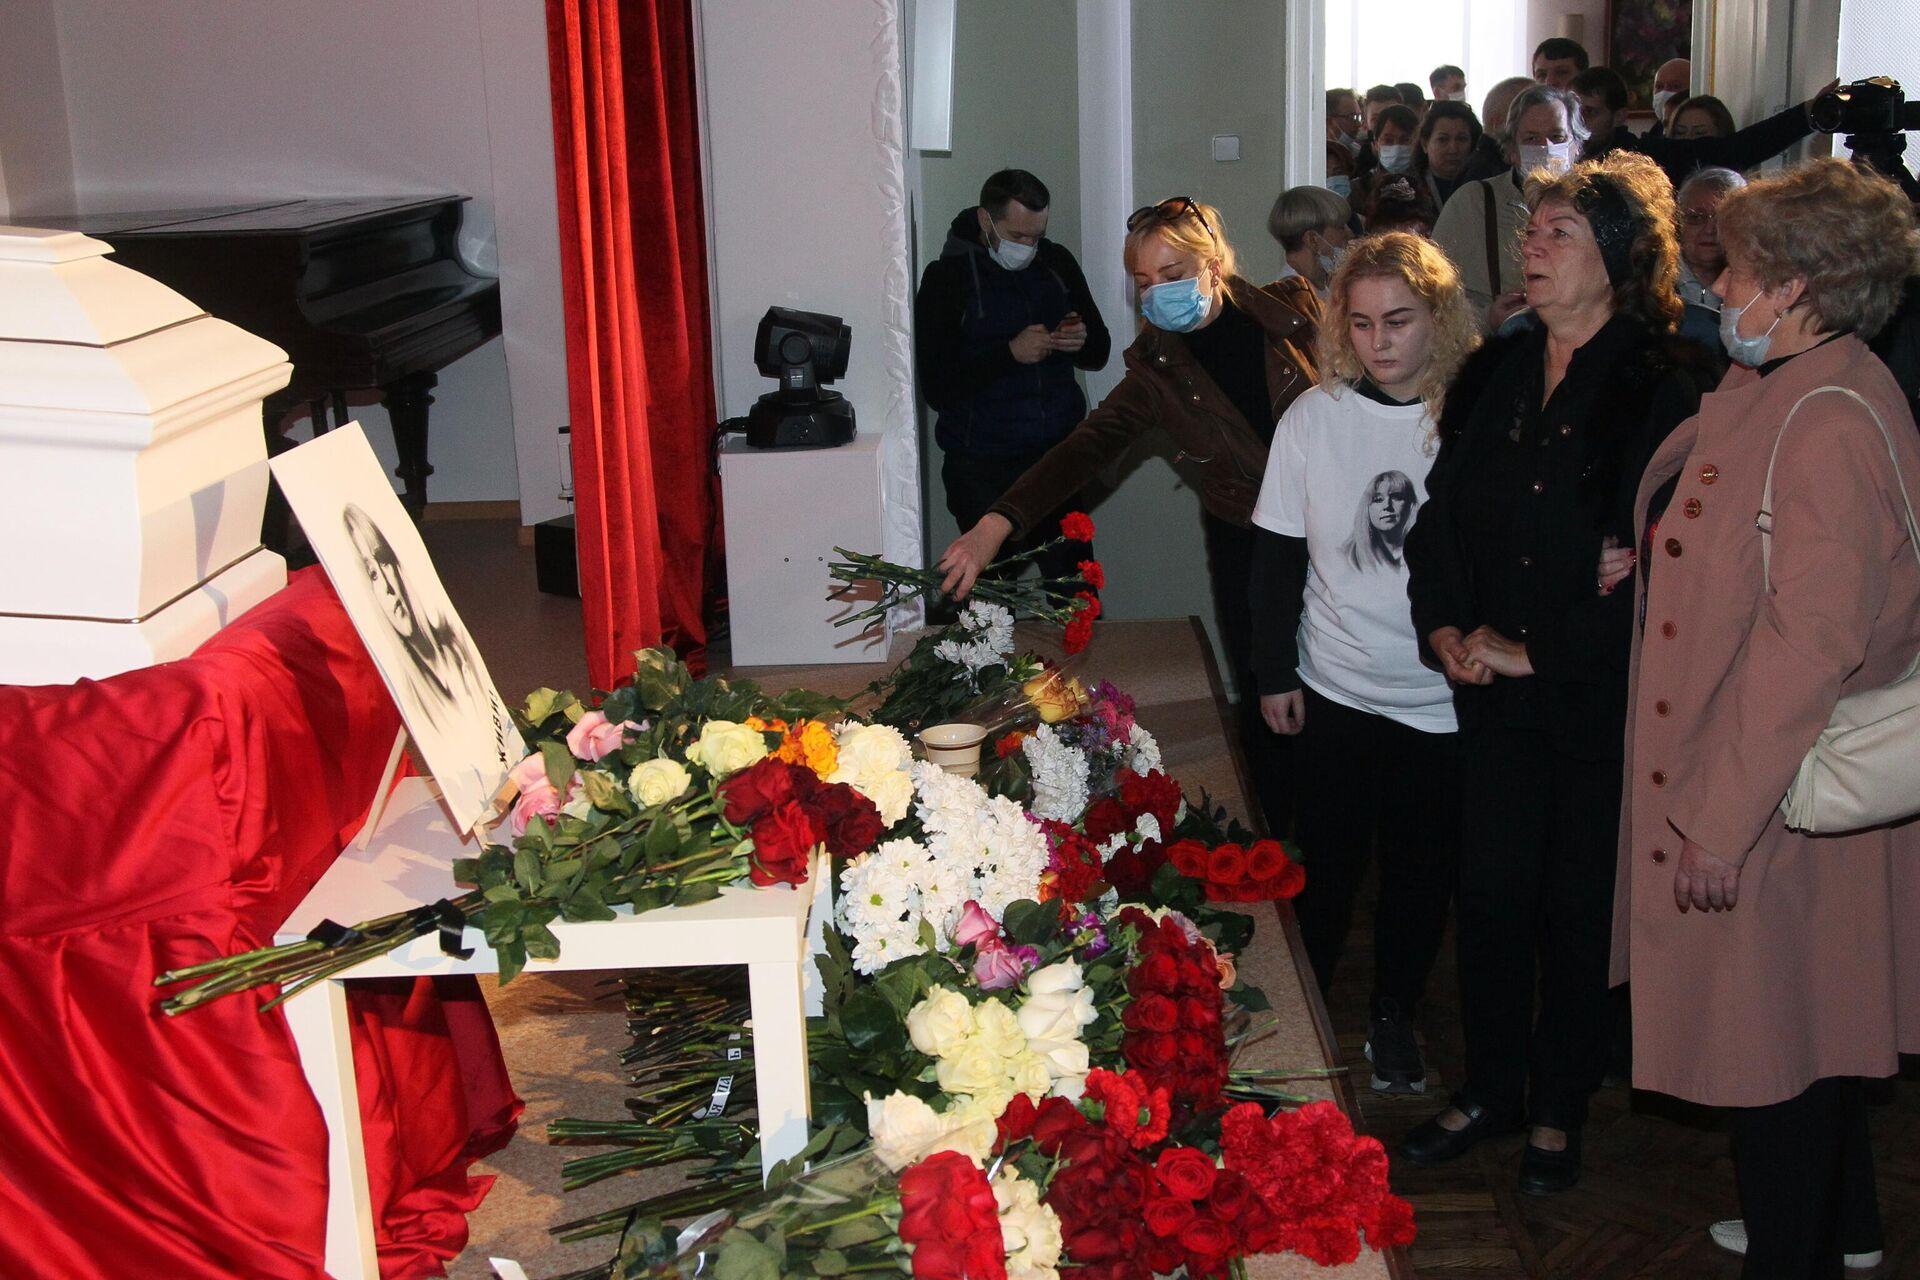 Церемония прощания с журналисткой Ириной Славиной в Доме ученых в Нижнем Новгороде - РИА Новости, 1920, 06.10.2020